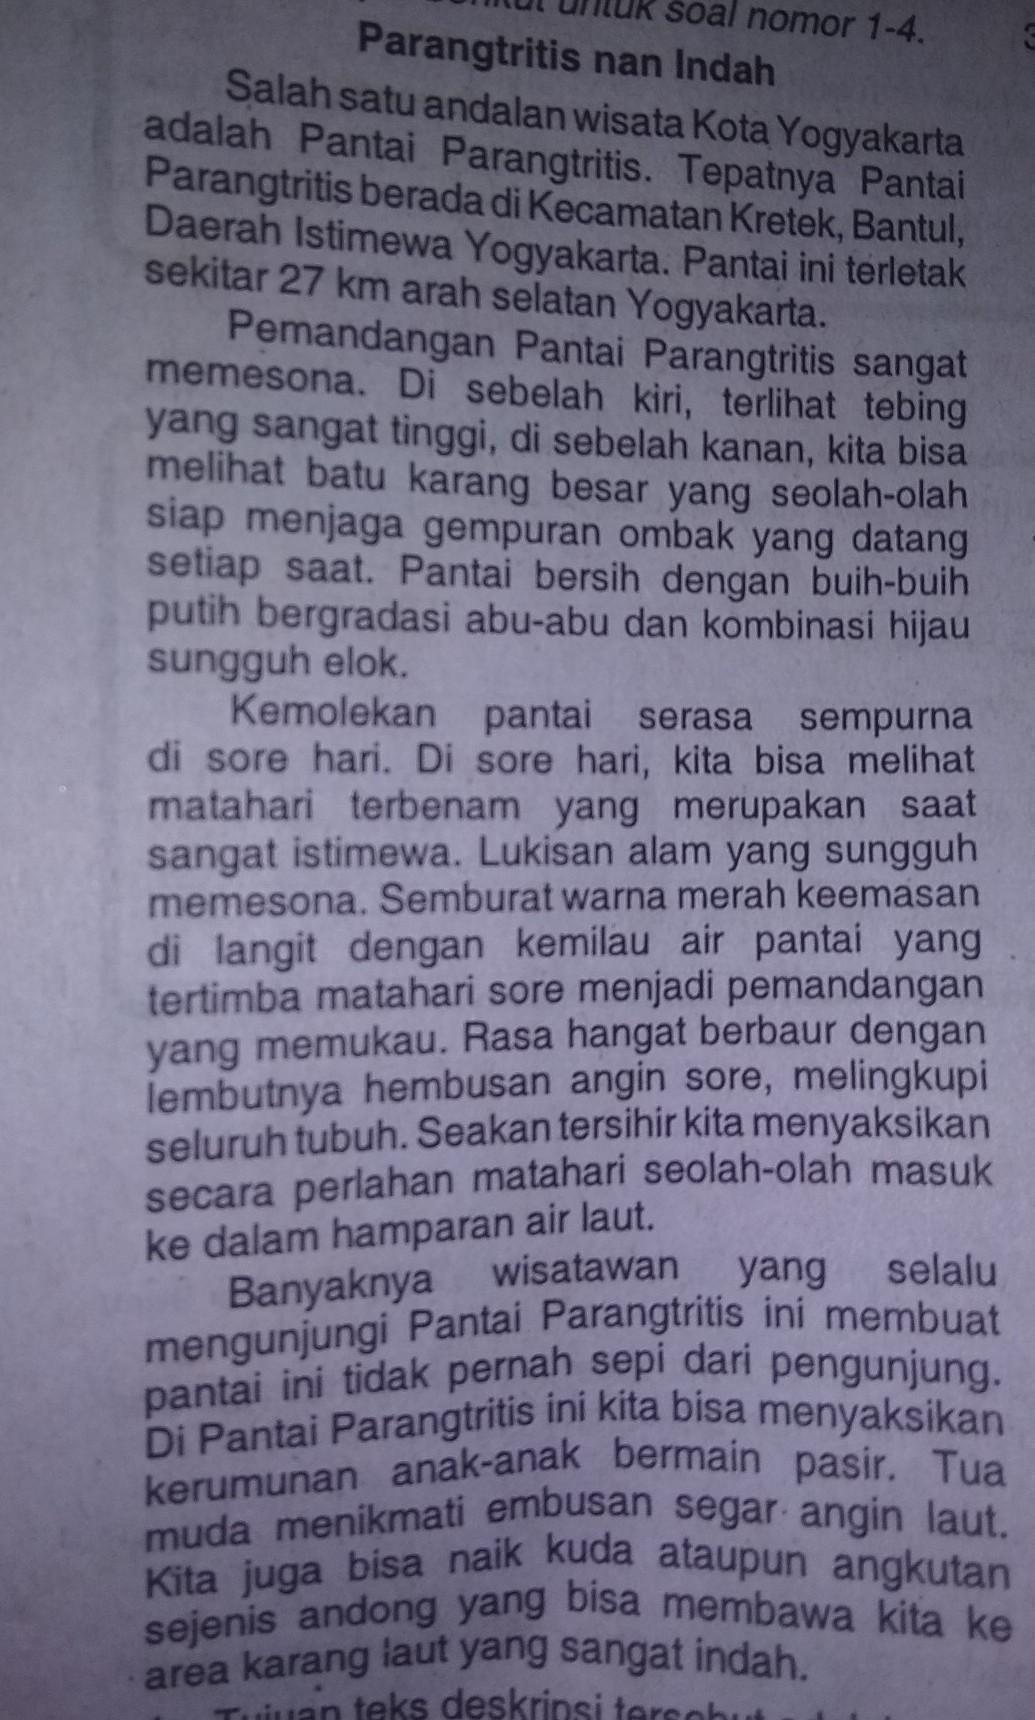 Tujuan Teks Deskripsi Parangtritis Nan Indah Yaitu : tujuan, deskripsi, parangtritis, indah, yaitu, Tujuan, Deskripsi, Parangtritis, Indah, Yaitu…, Objek, Brainly.co.id